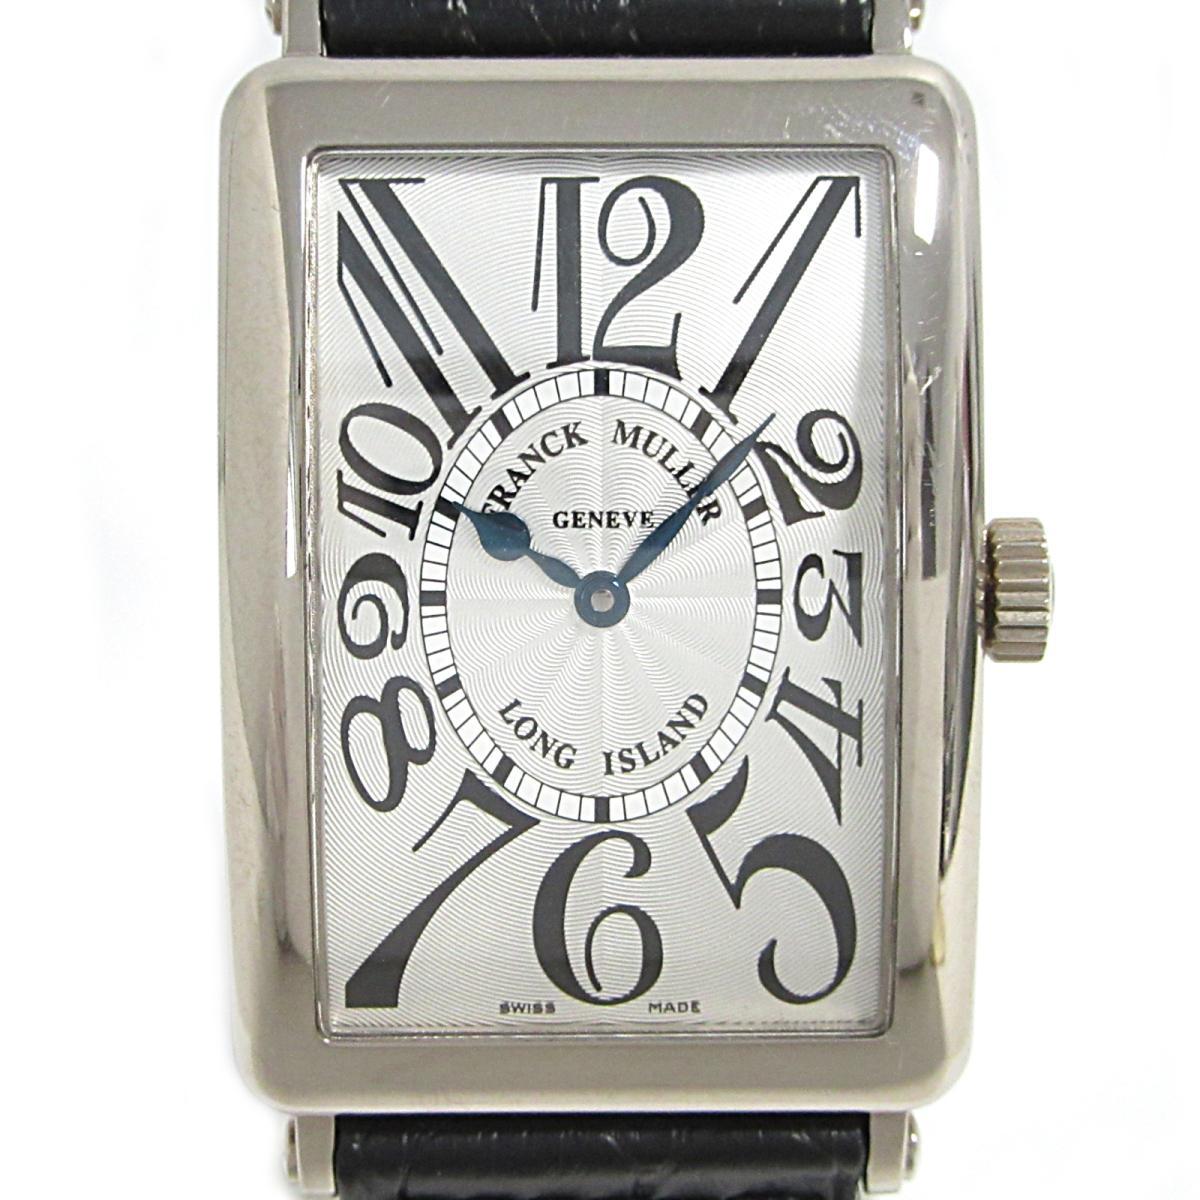 ≪期間限定≫メルマガ登録でクーポンGET! 【中古】 フランク・ミュラー ロングアイランド 腕時計 ウォッチ メンズ K18WG (750)ホワイトゴールド クロコレザーベルト (1000SC) | FRANCK MULLER BRANDOFF ブランドオフ ブランド ブランド時計 ブランド腕時計 時計